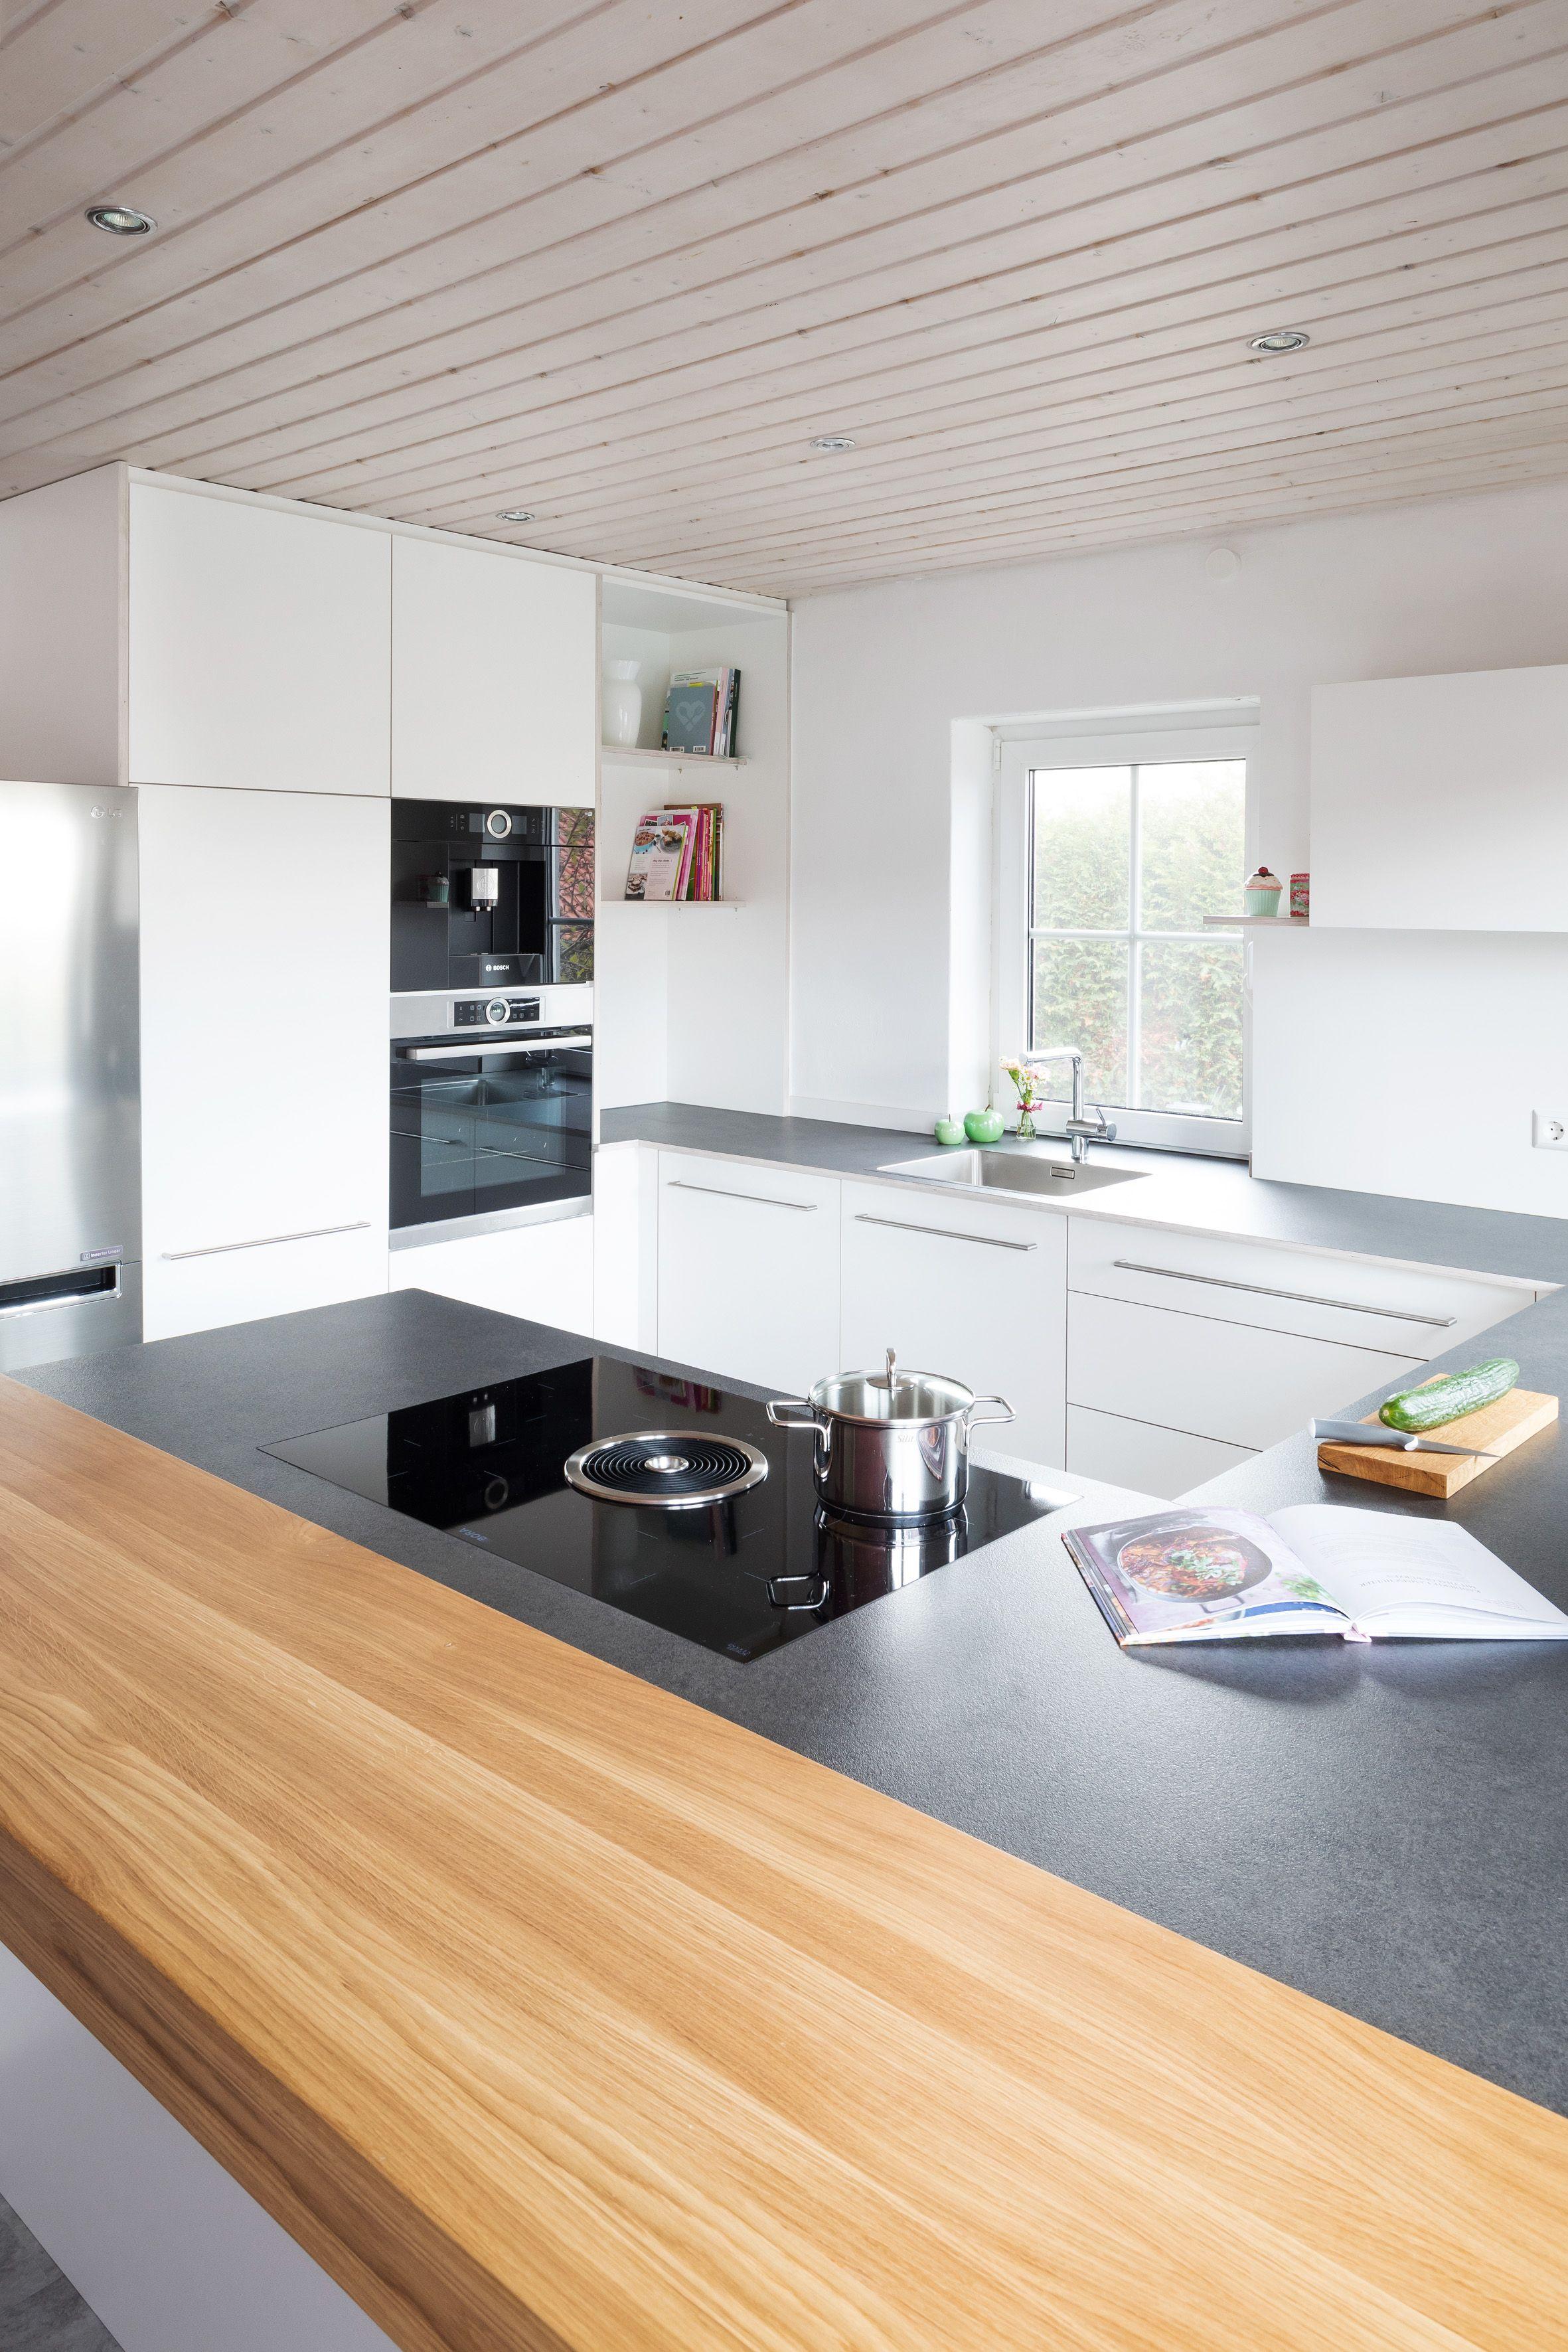 Deckenhoch  Design  Modernes Wohnen  Maßgefertigt  Holz